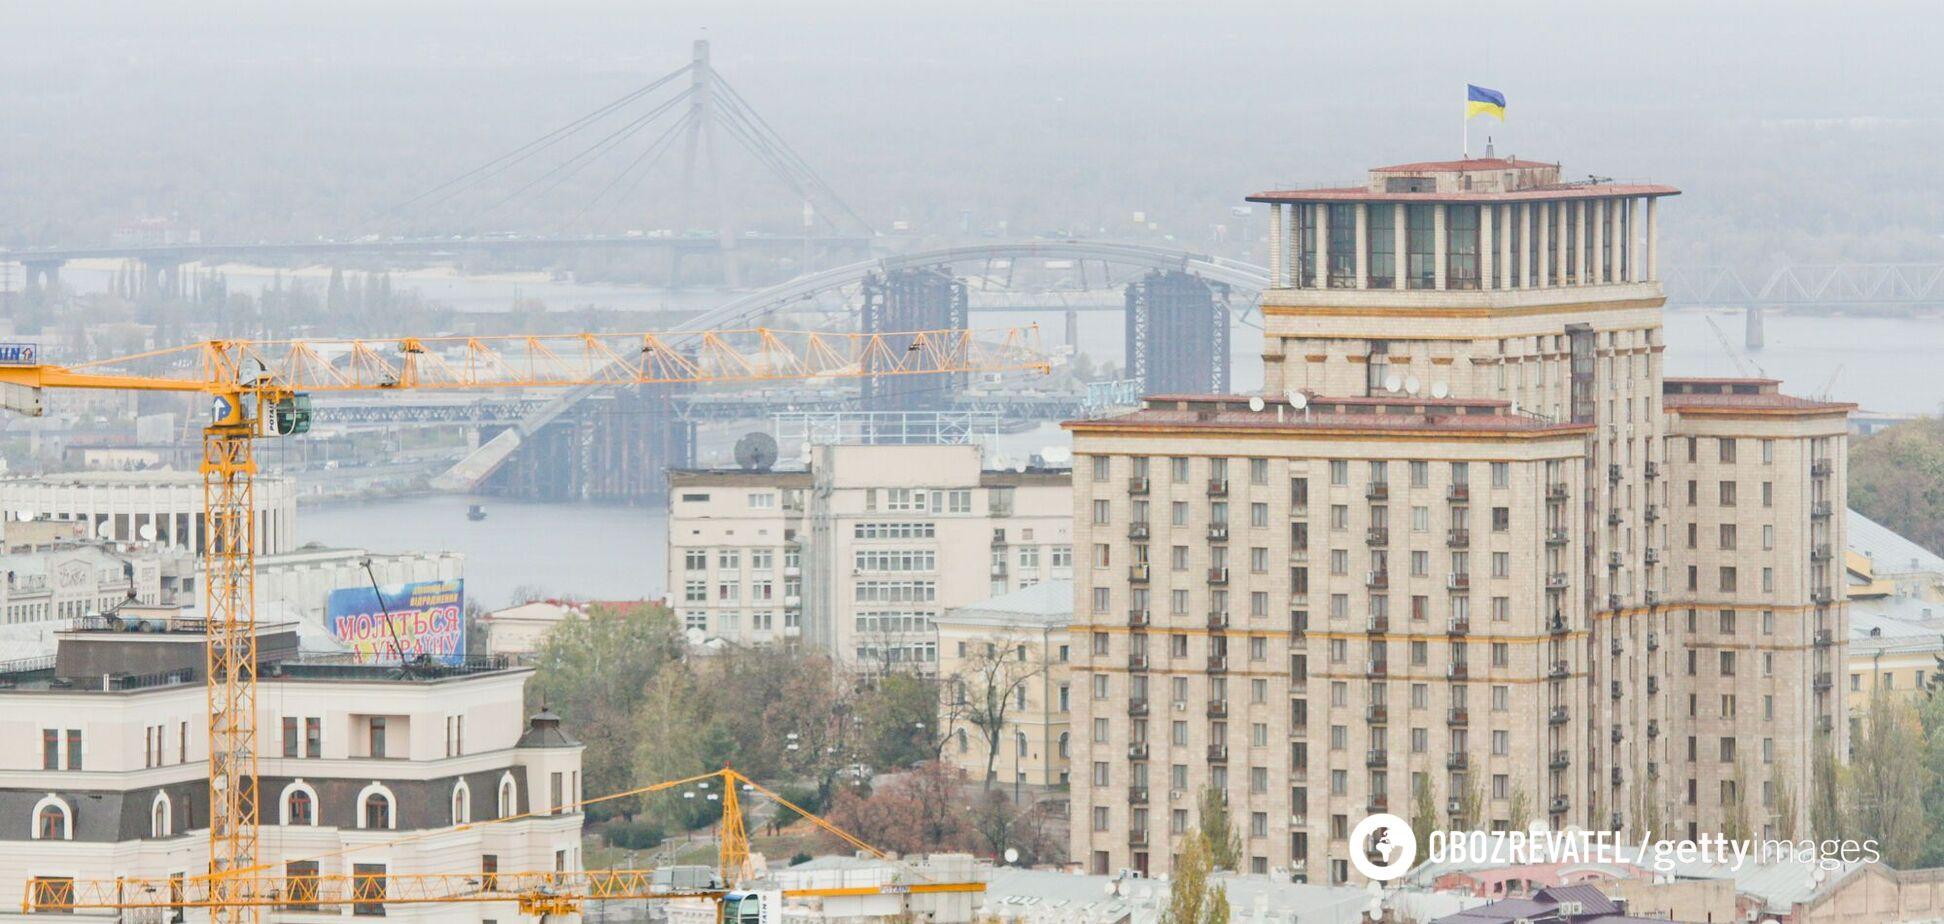 Элитные квартиры недооценили: в Украине взлетят цены на топовые 'квадраты'